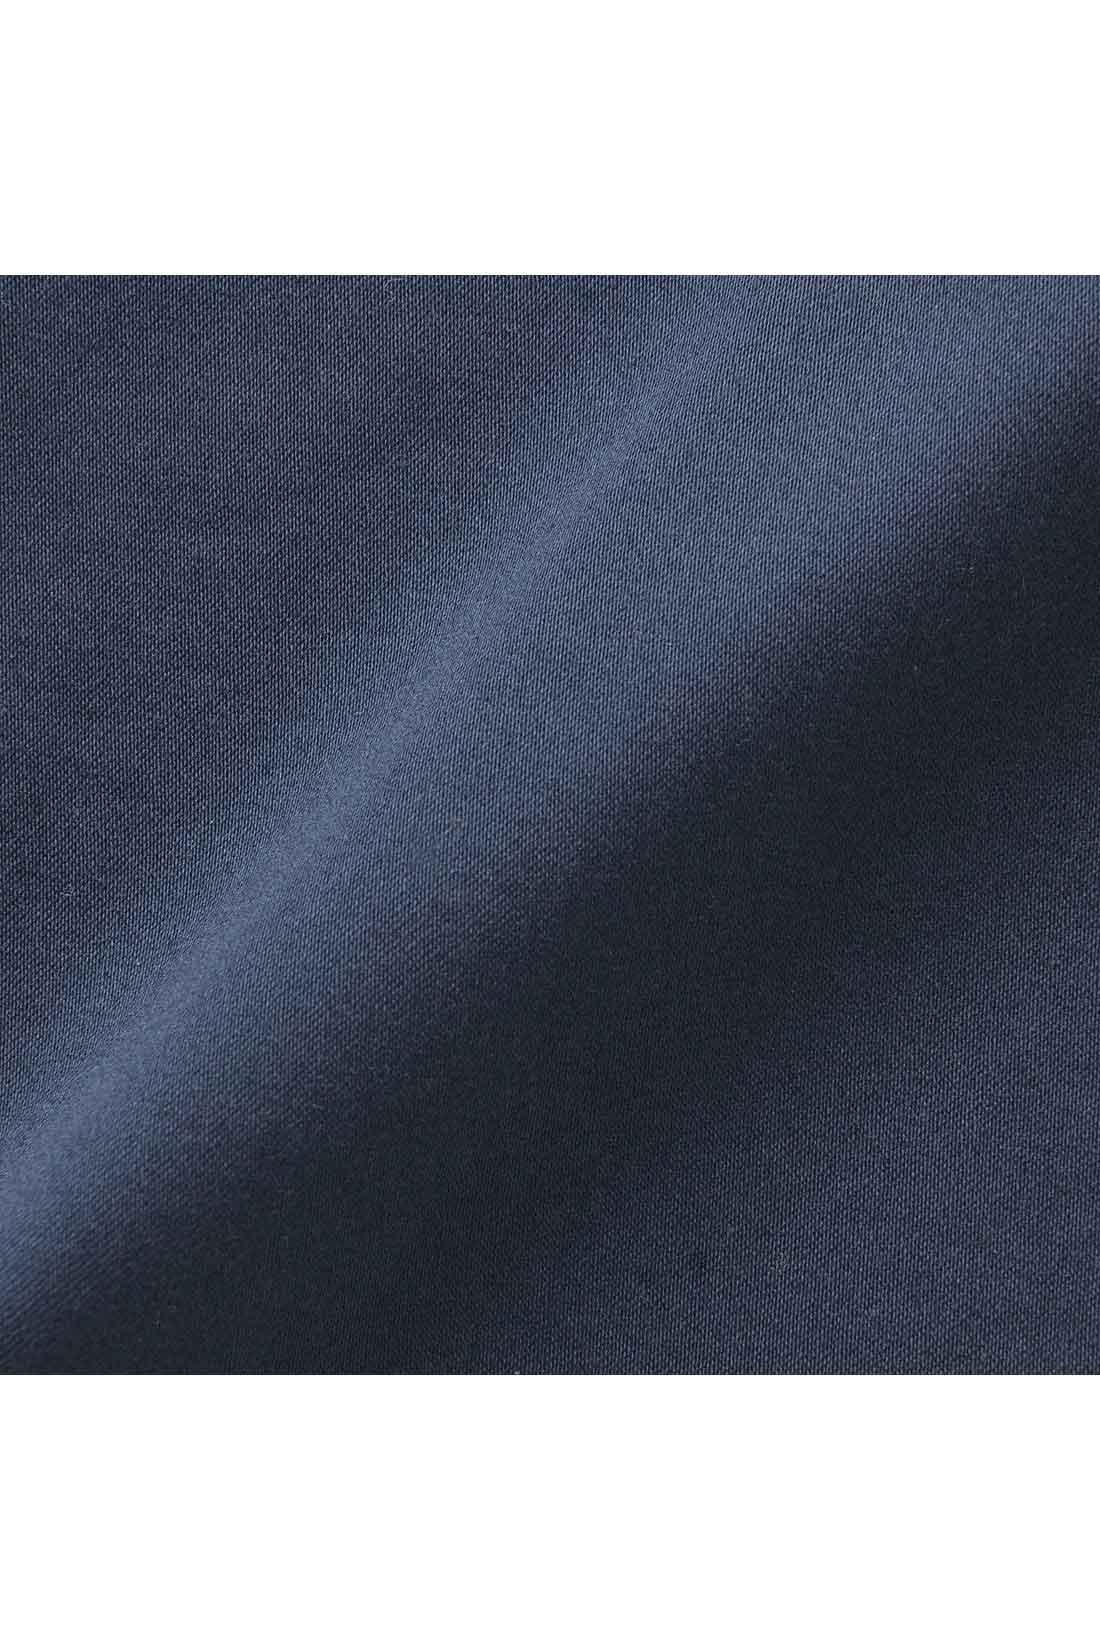 キレイに見せながらも伸びやかではきやすいストレッチサテン。